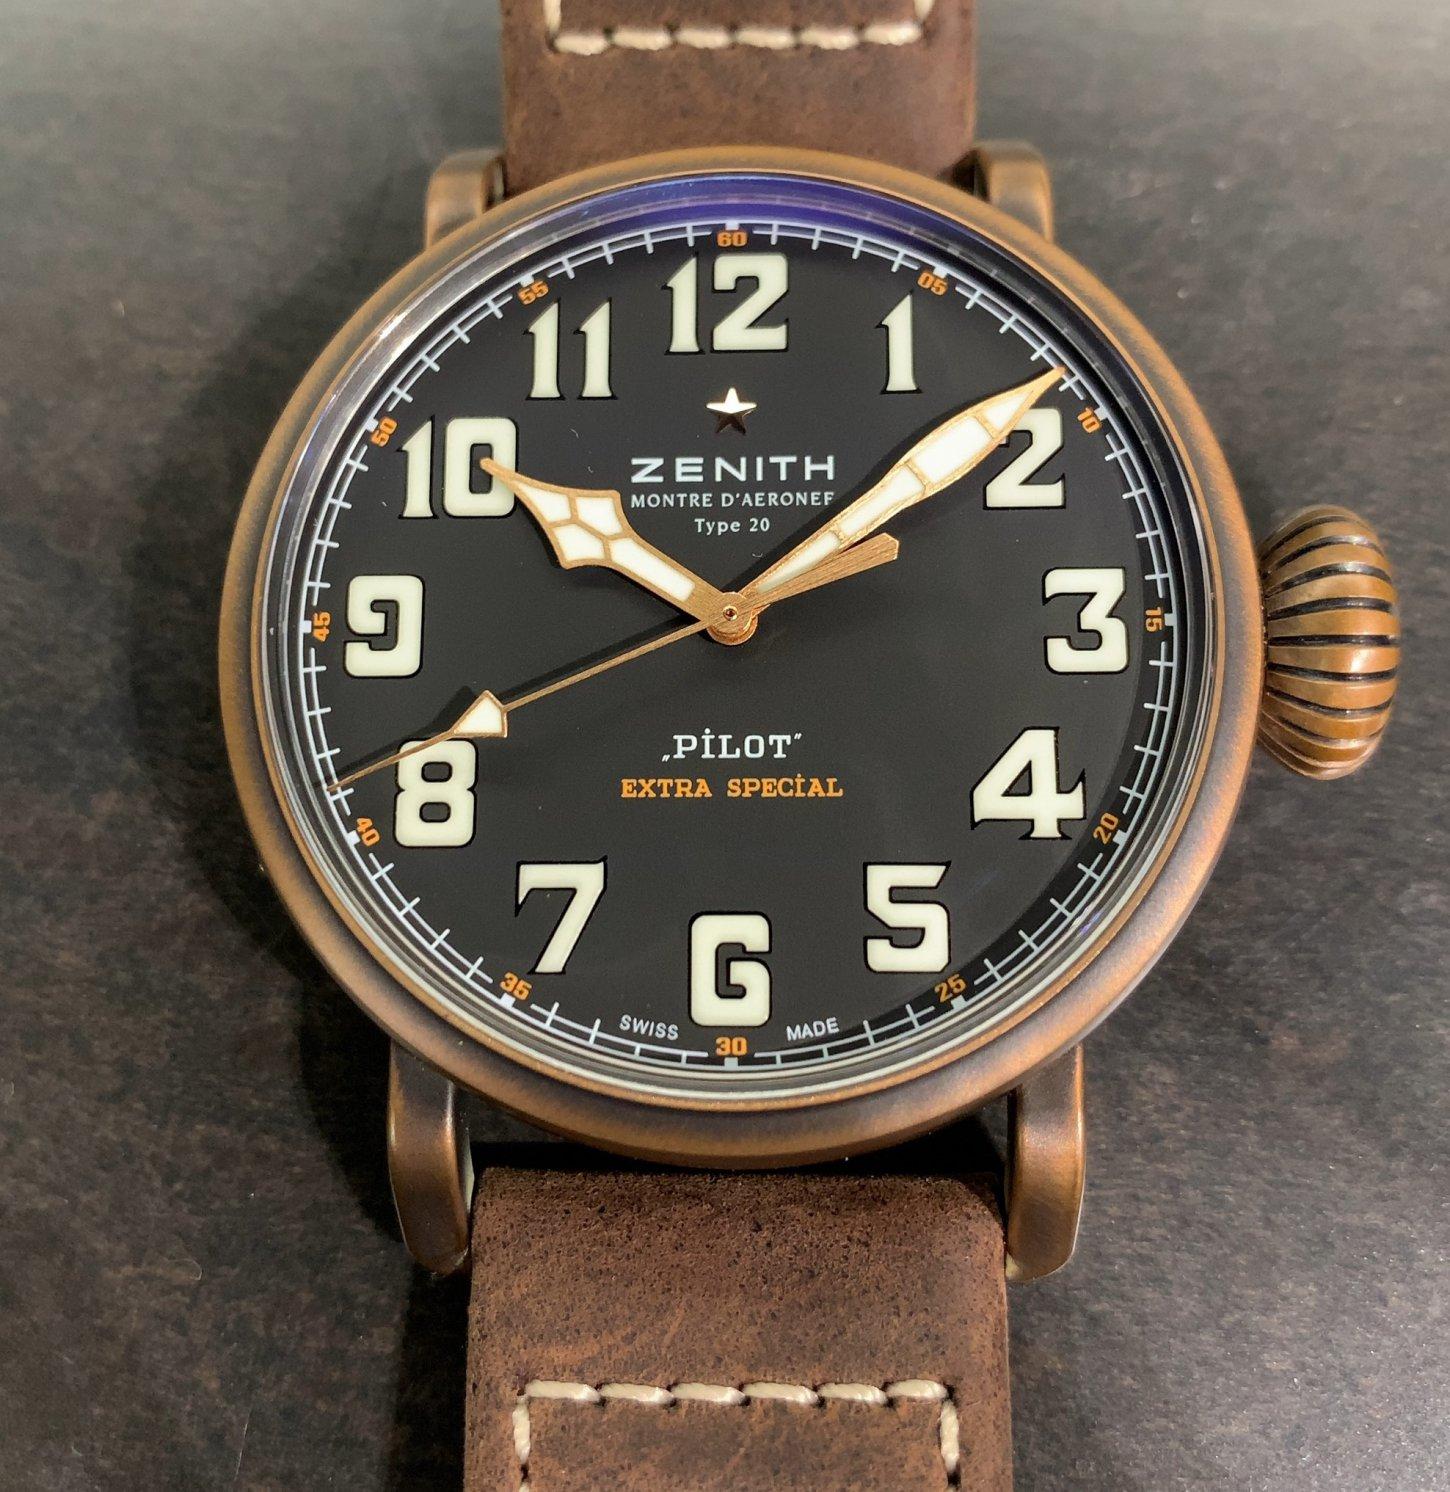 IMG_2352 自分だけの1本にできる時計「パイロット タイプ20 エクストラスペシャル ブロンズ」 - PILOT